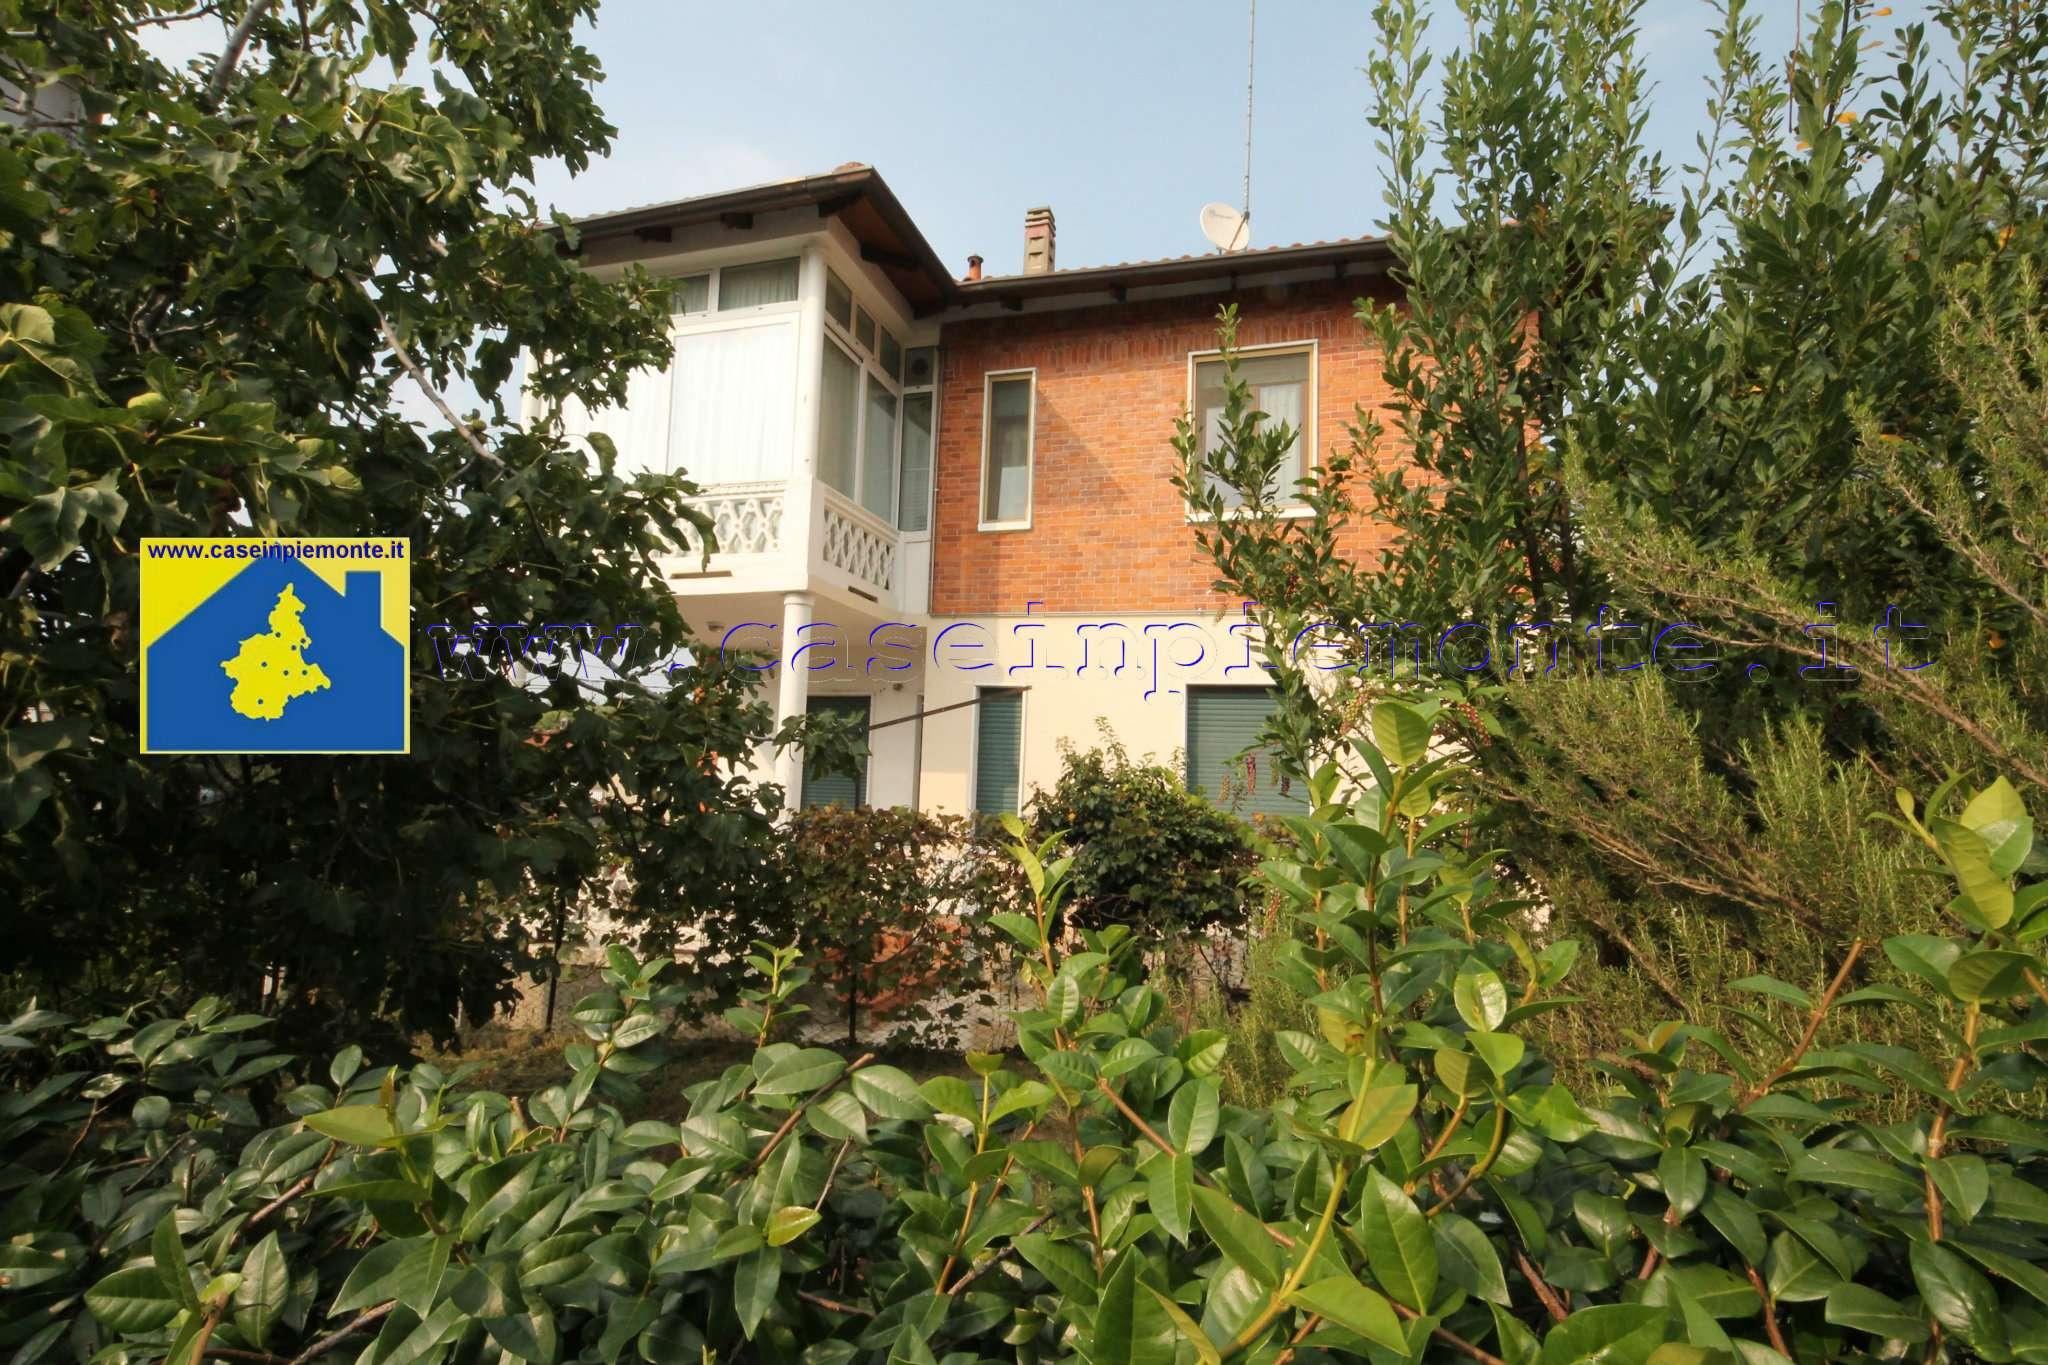 Foto 1 di Trilocale via ALPIGNANO 450, Alpignano